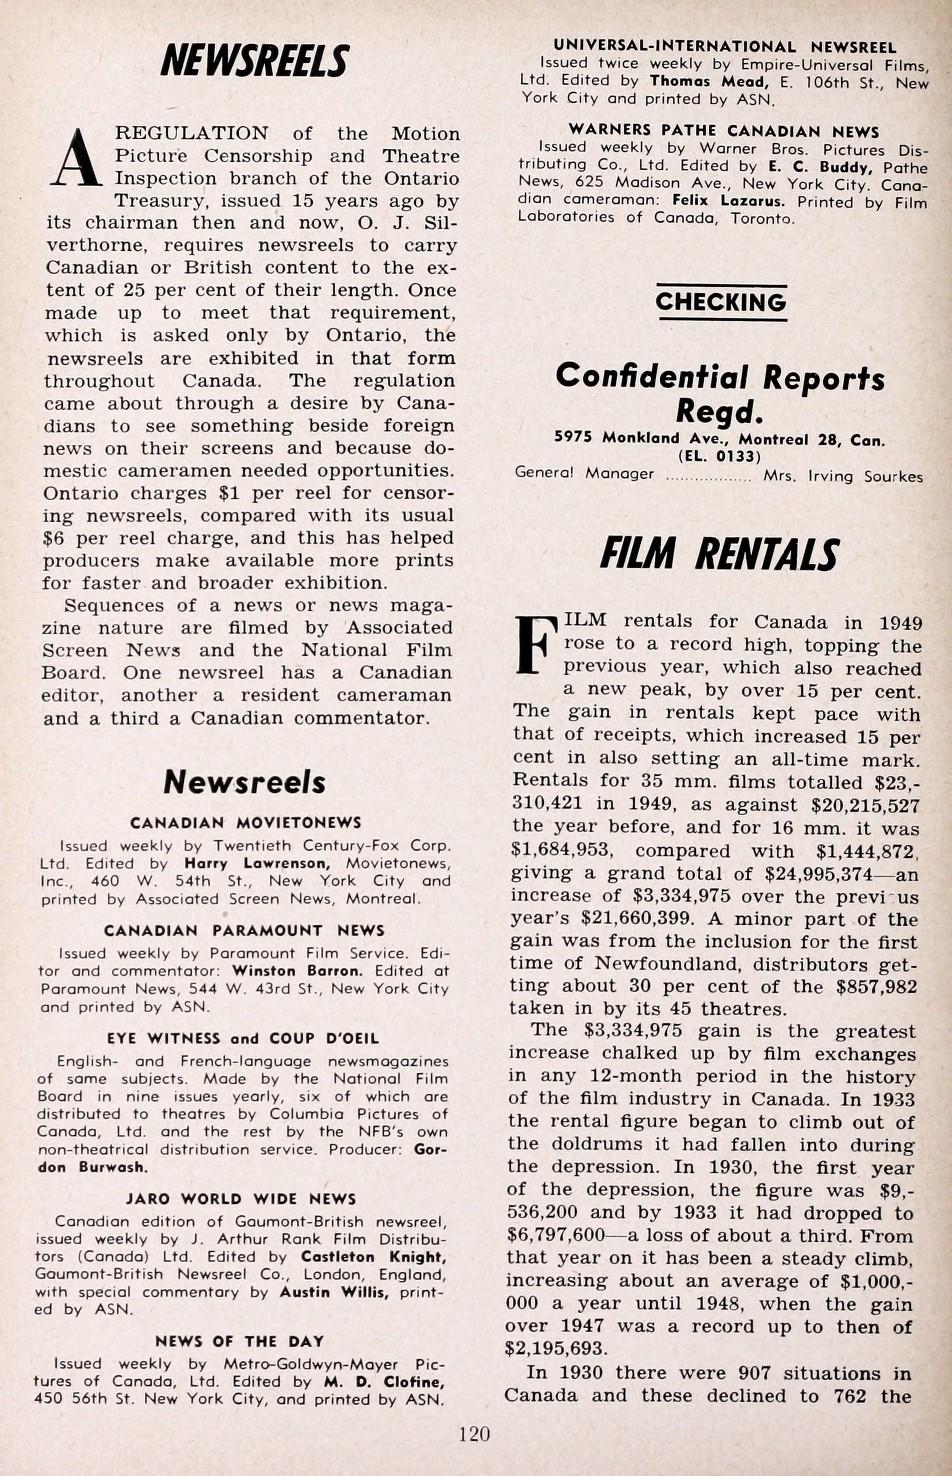 1951yearbookcana00film_jp2.zip&file=1951yearbookcana00film_jp2%2f1951yearbookcana00film_0122